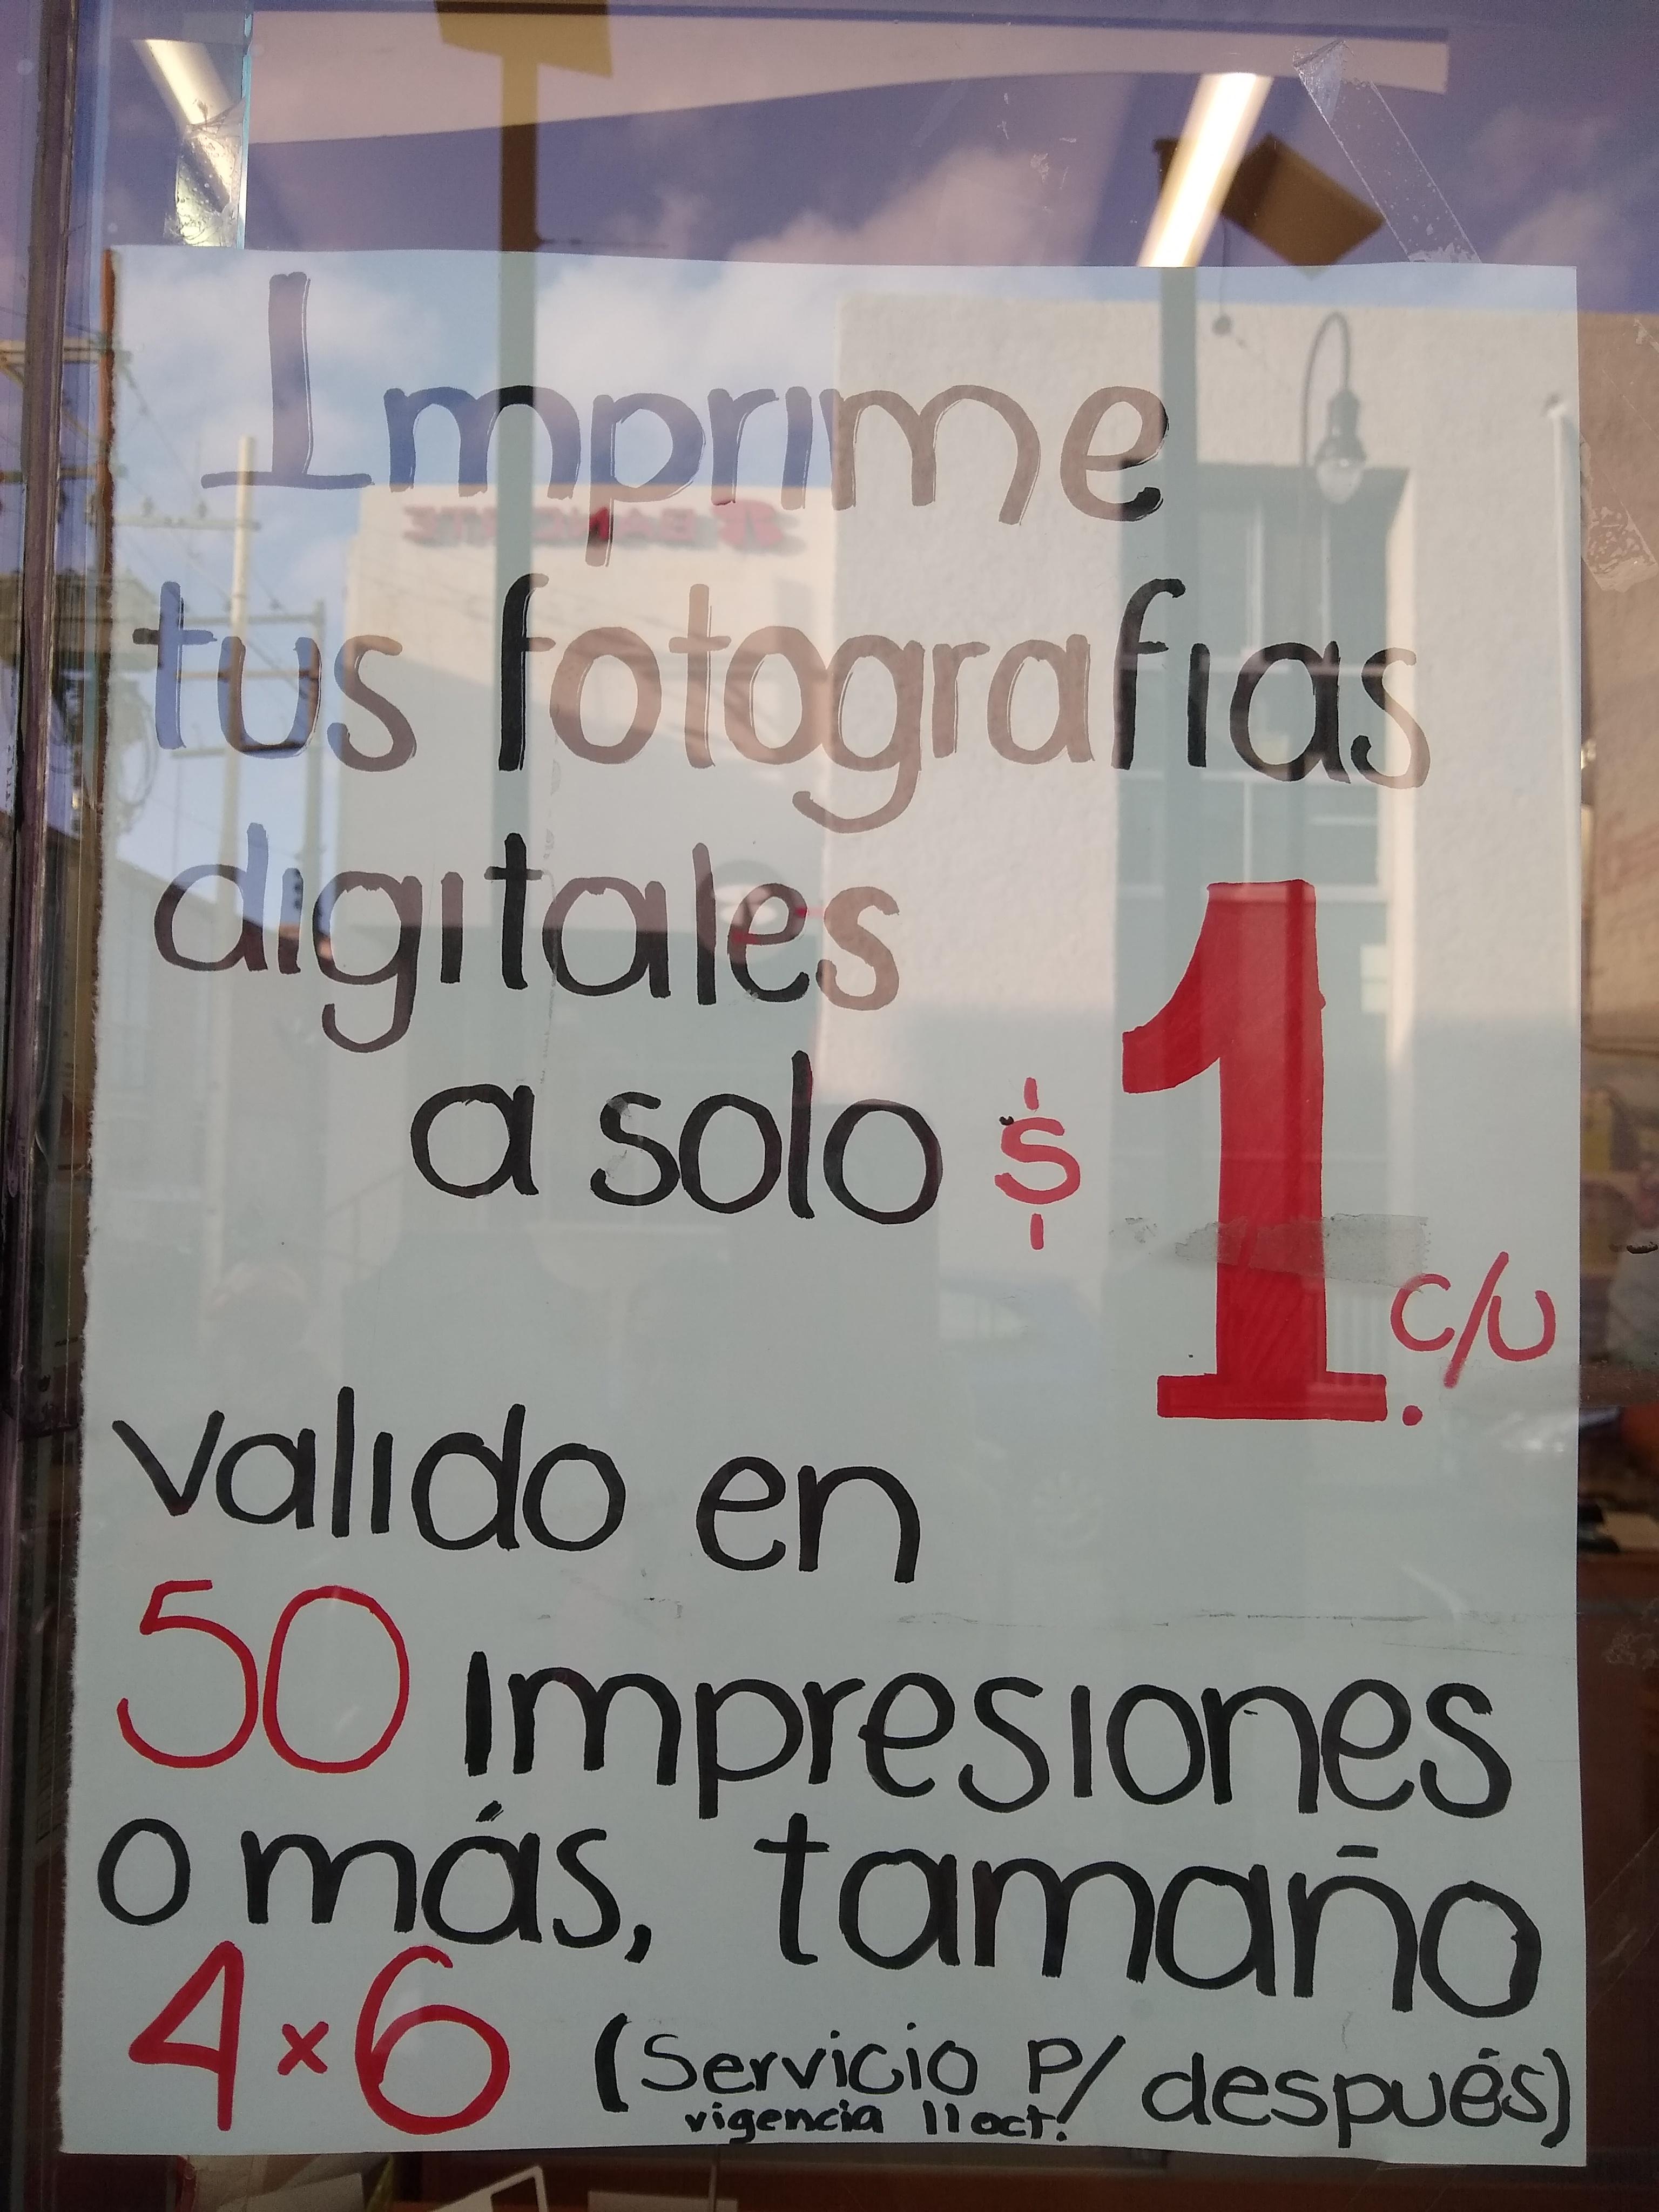 Farmacias Guadalajara: Impresión de fotografías $1 a partir de 50